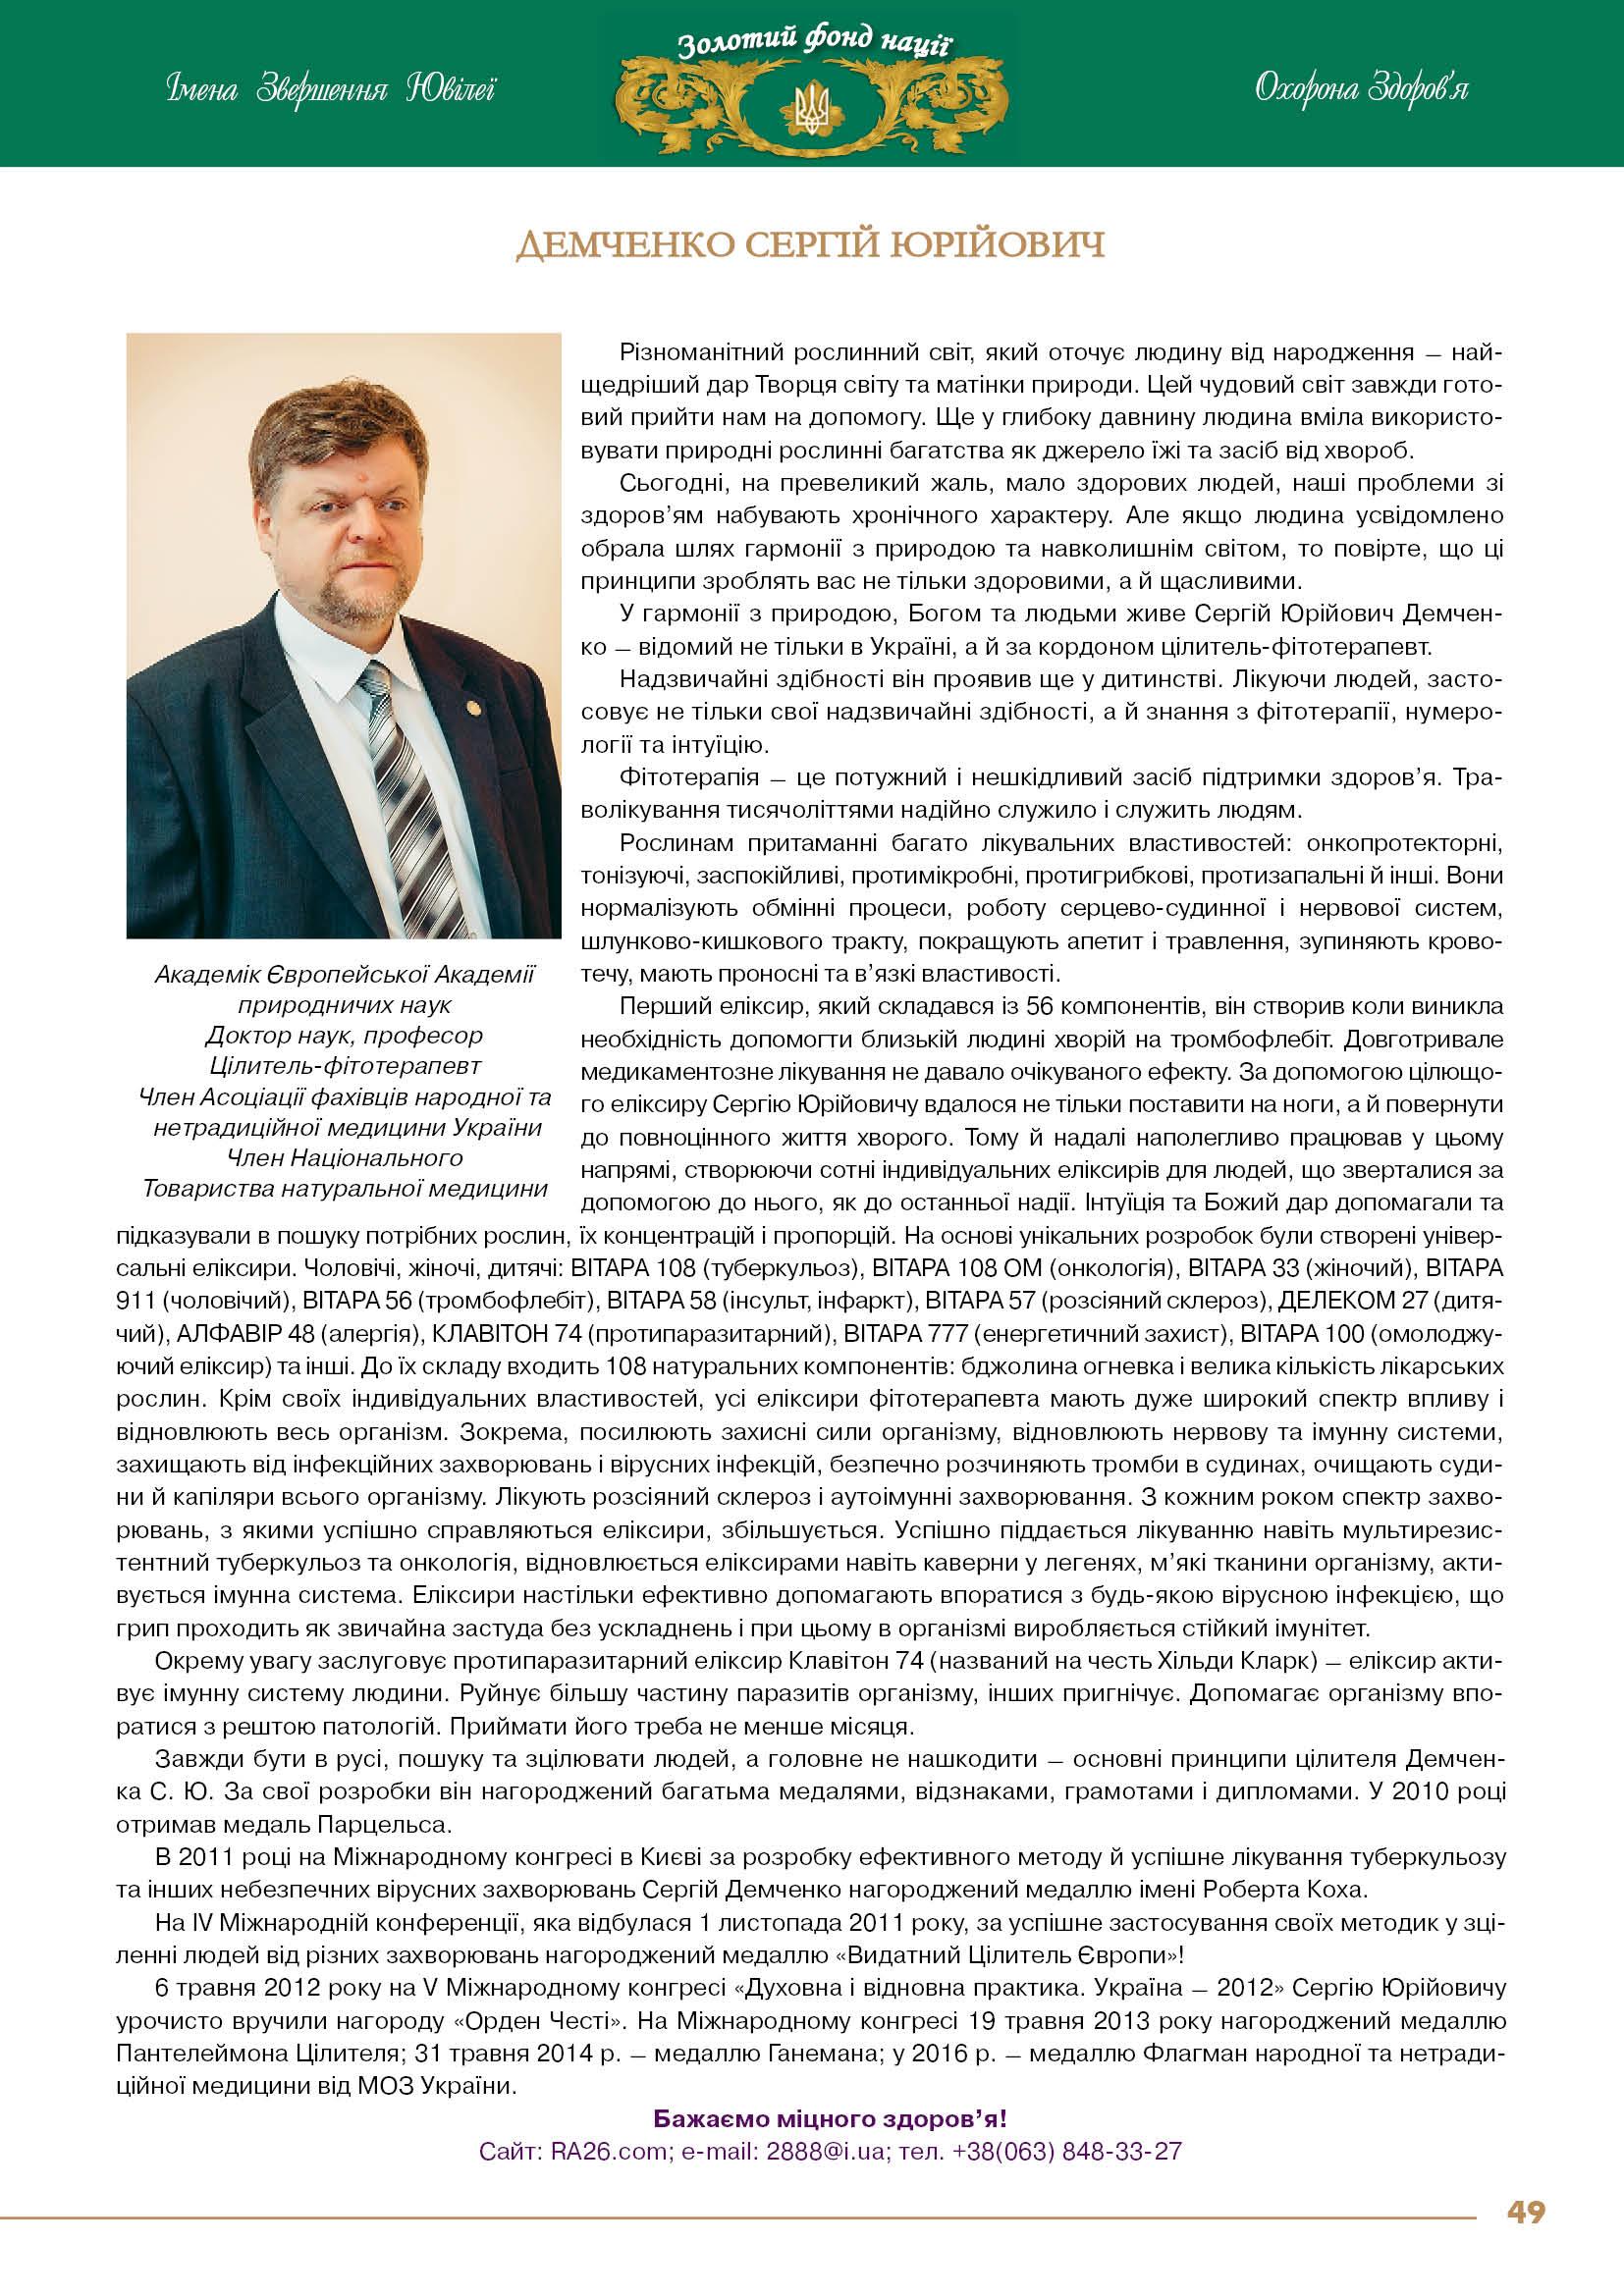 Демченко Сергій Юрійович